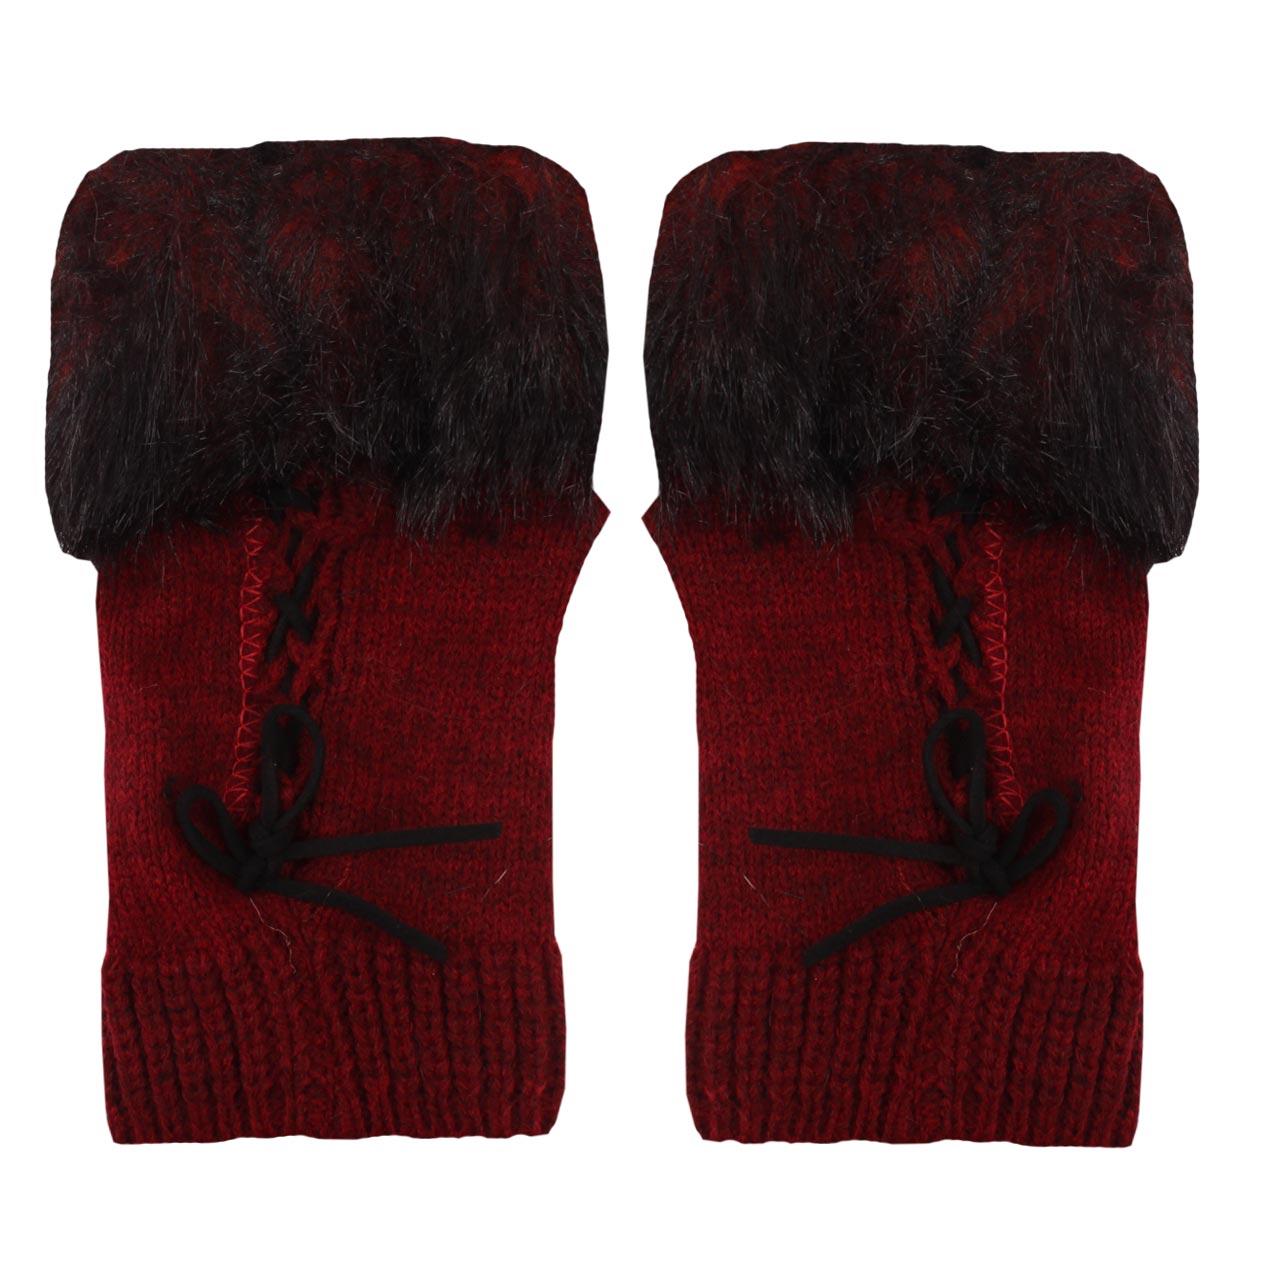 دستکش بافتنی زنانه مدل 021